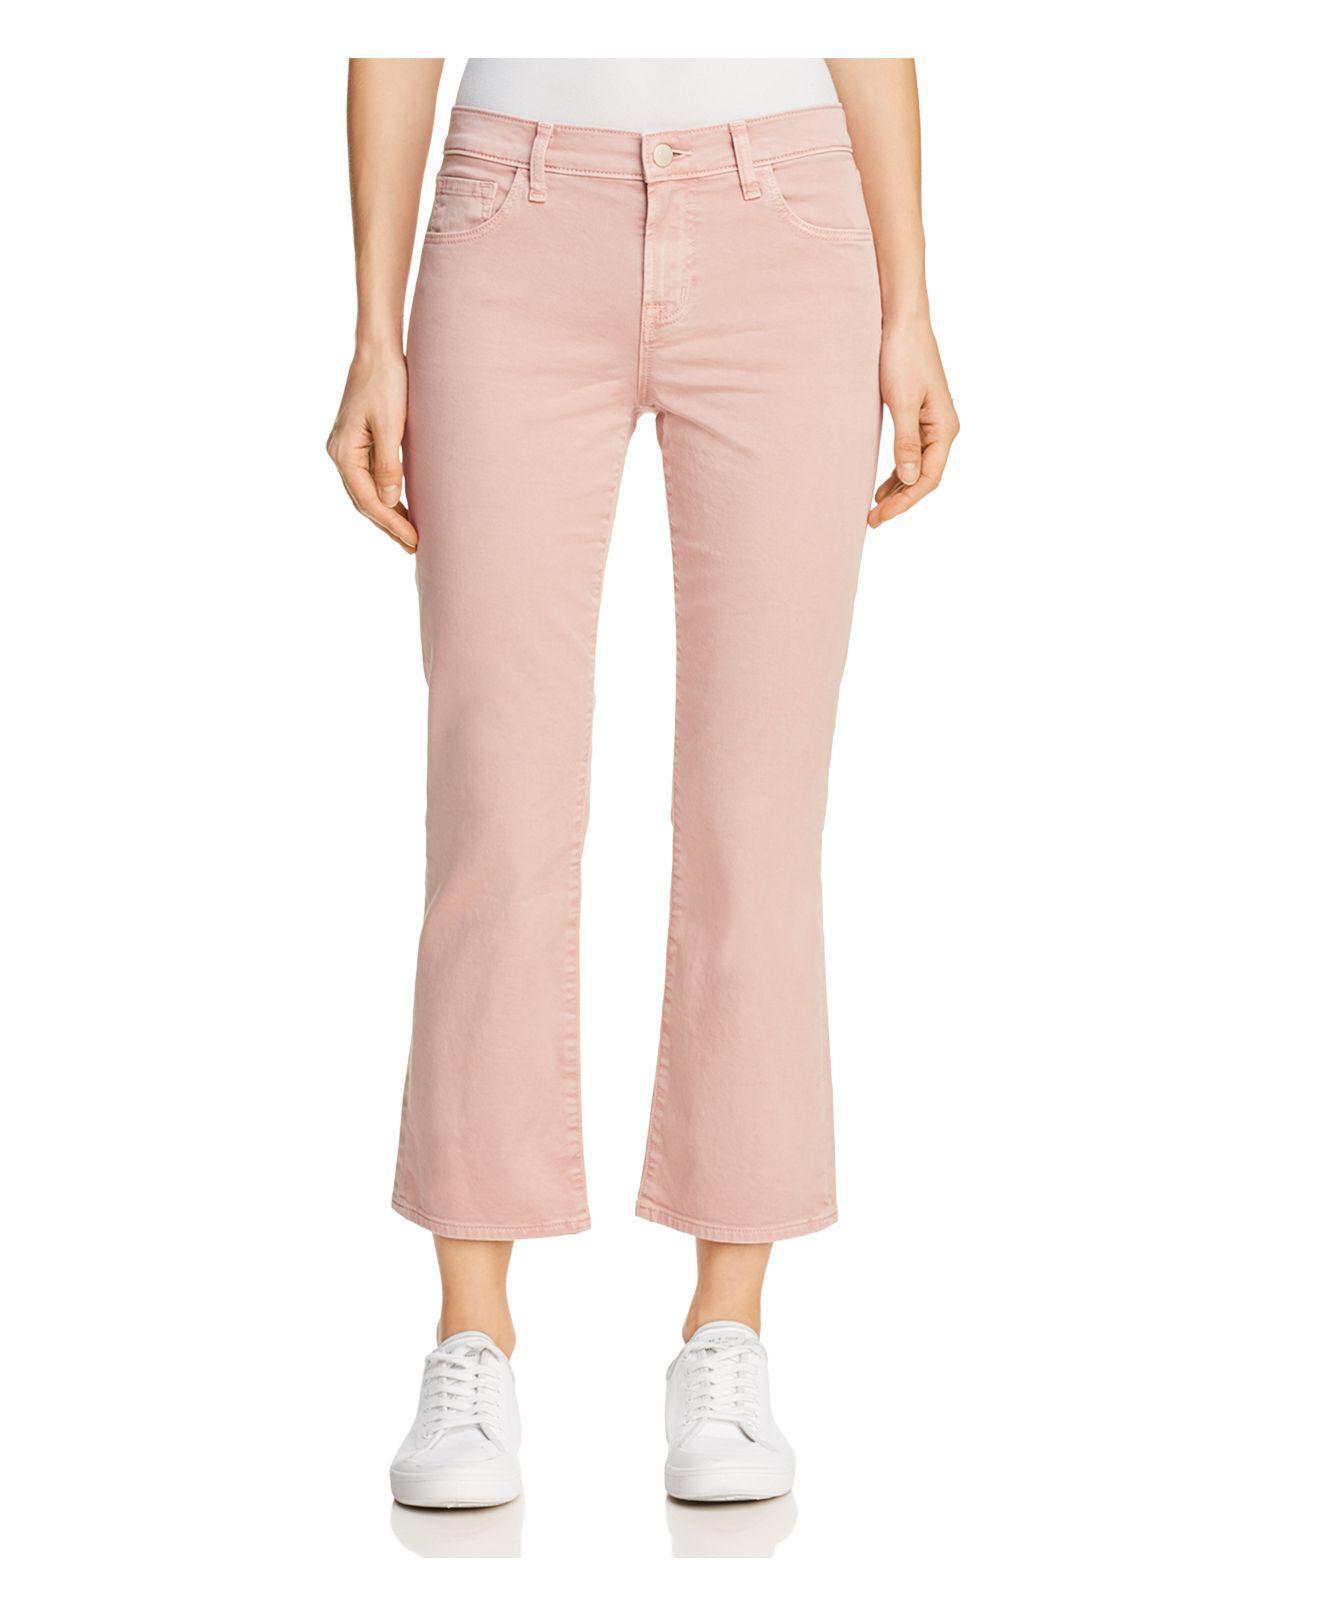 J Brand Selena Mid Rise Crop Boot Jeans in Vinca zVsQKCYCn